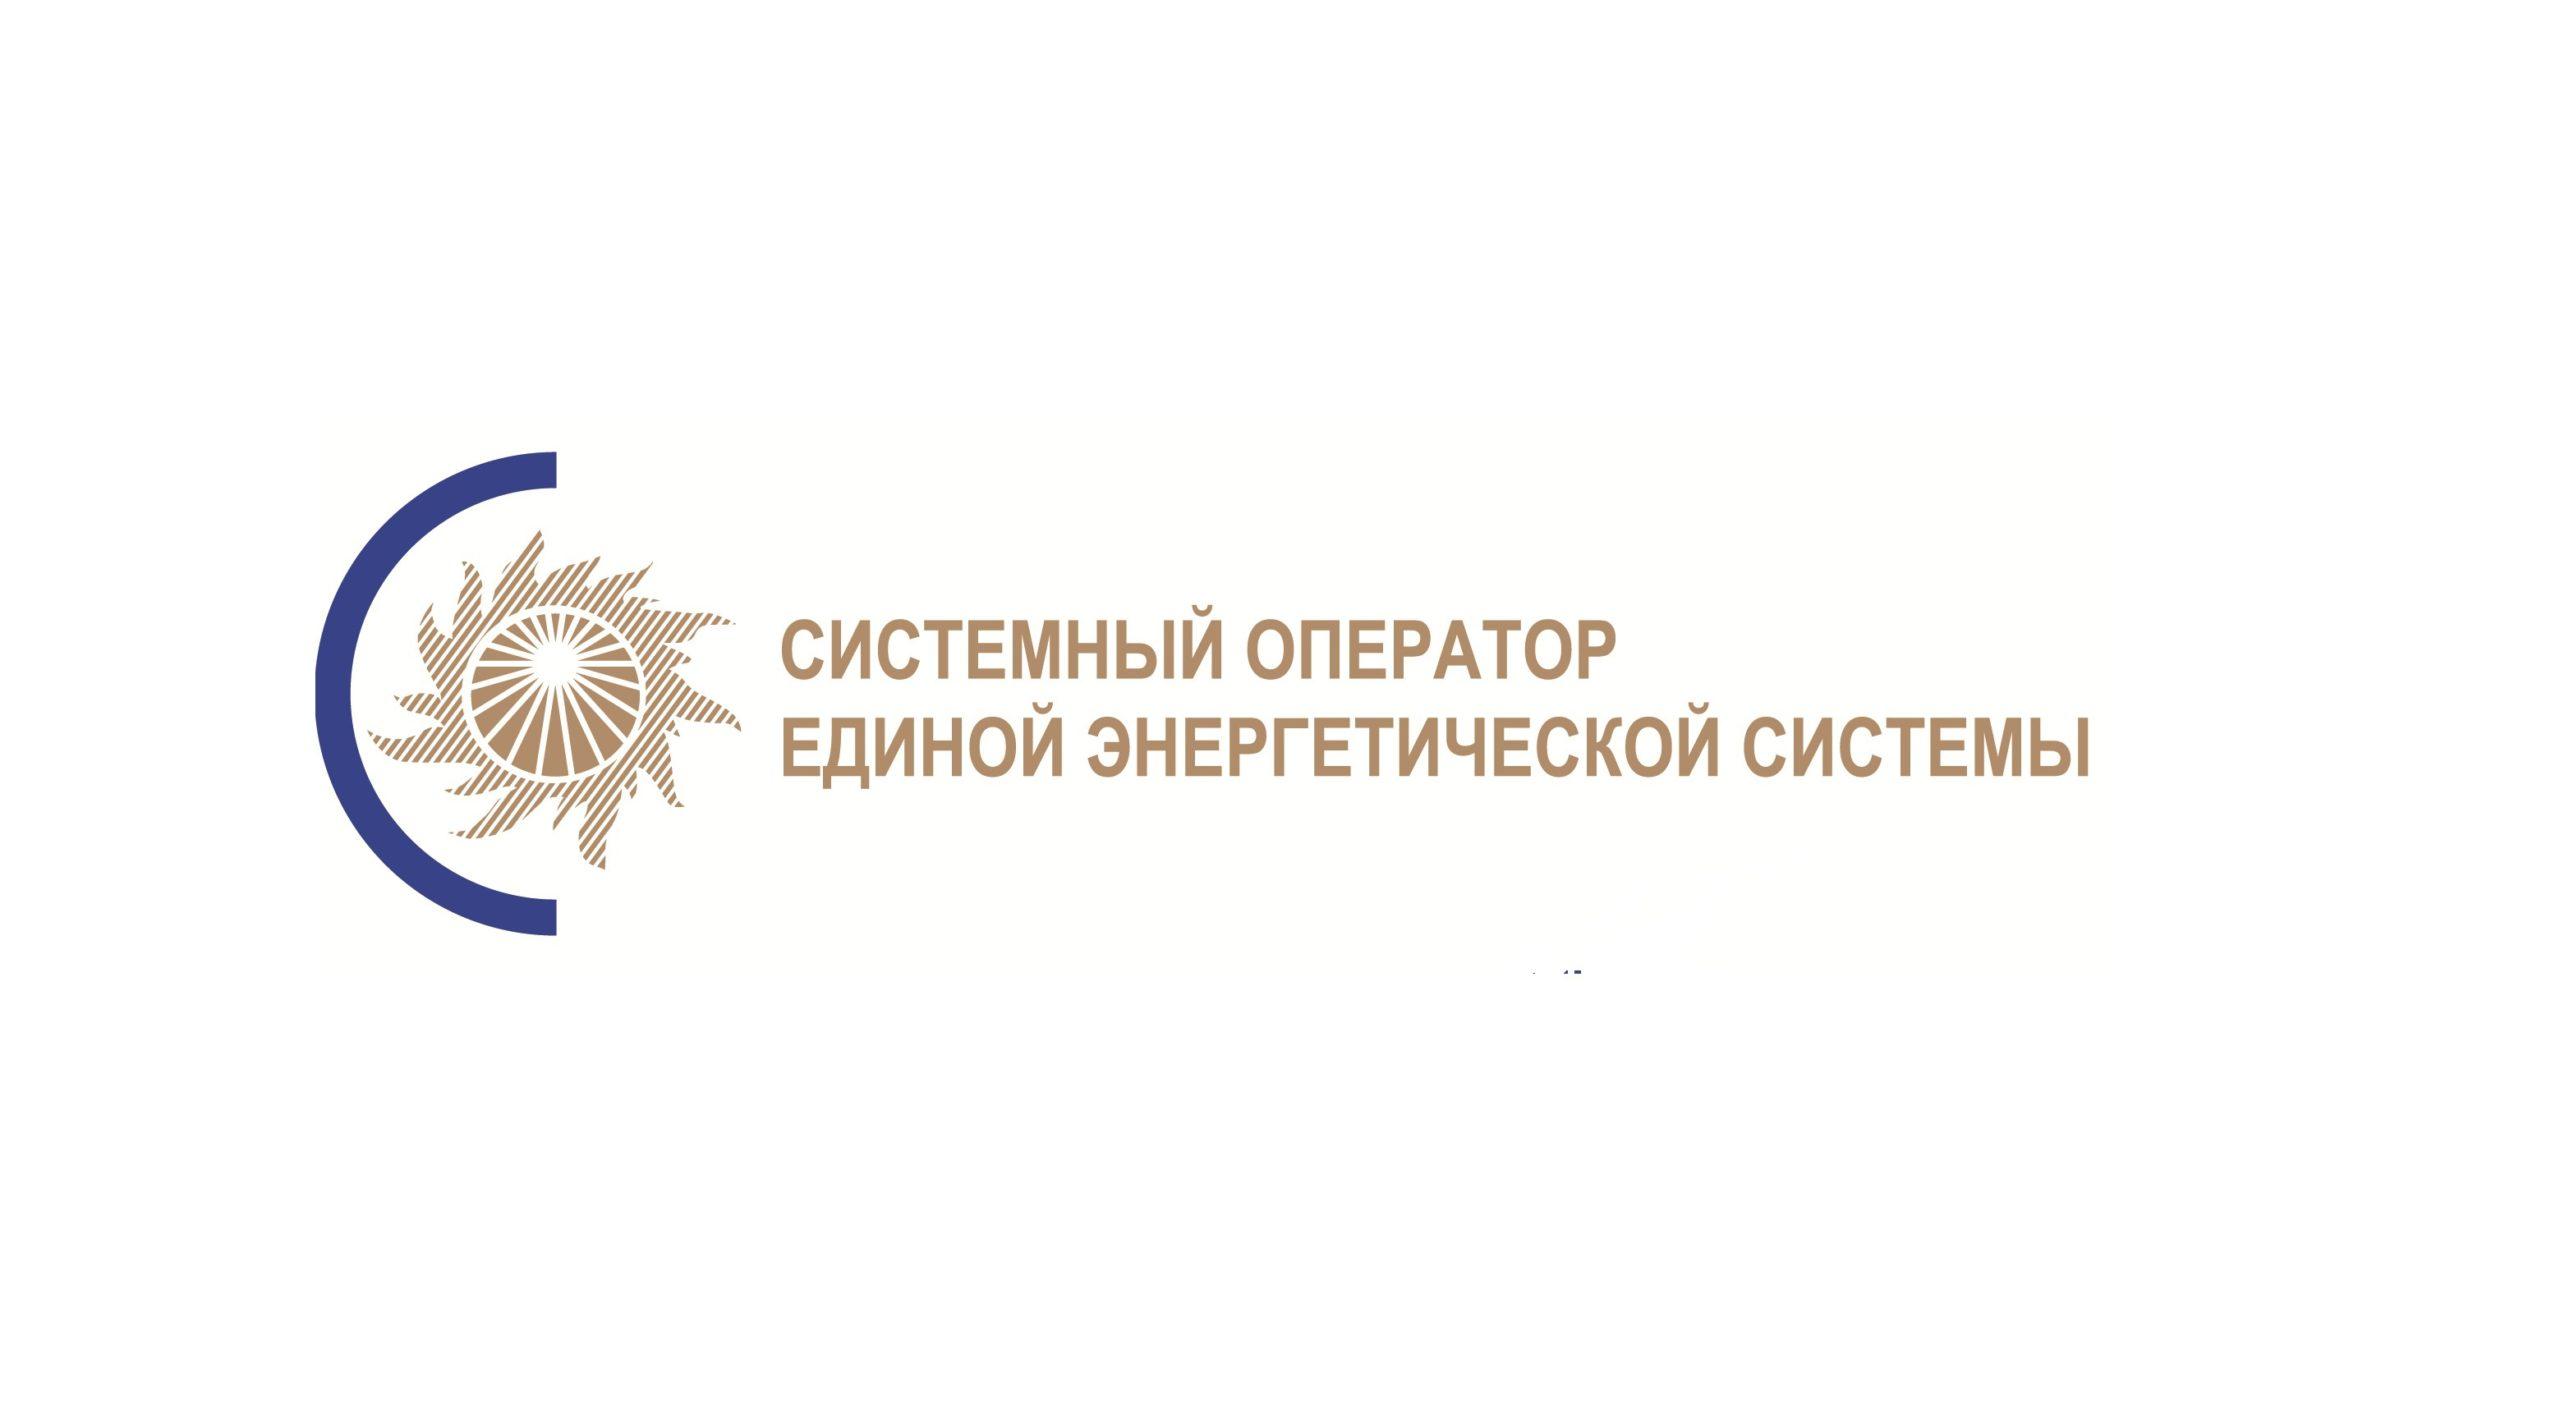 Председатель Правления АО «СО ЕЭС» Б. Аюев: «Наша задача – грамотно учитывать появляющиеся новшества в работе ЕЭС России для сохранения ее гармоничного и эффективного функционирования»